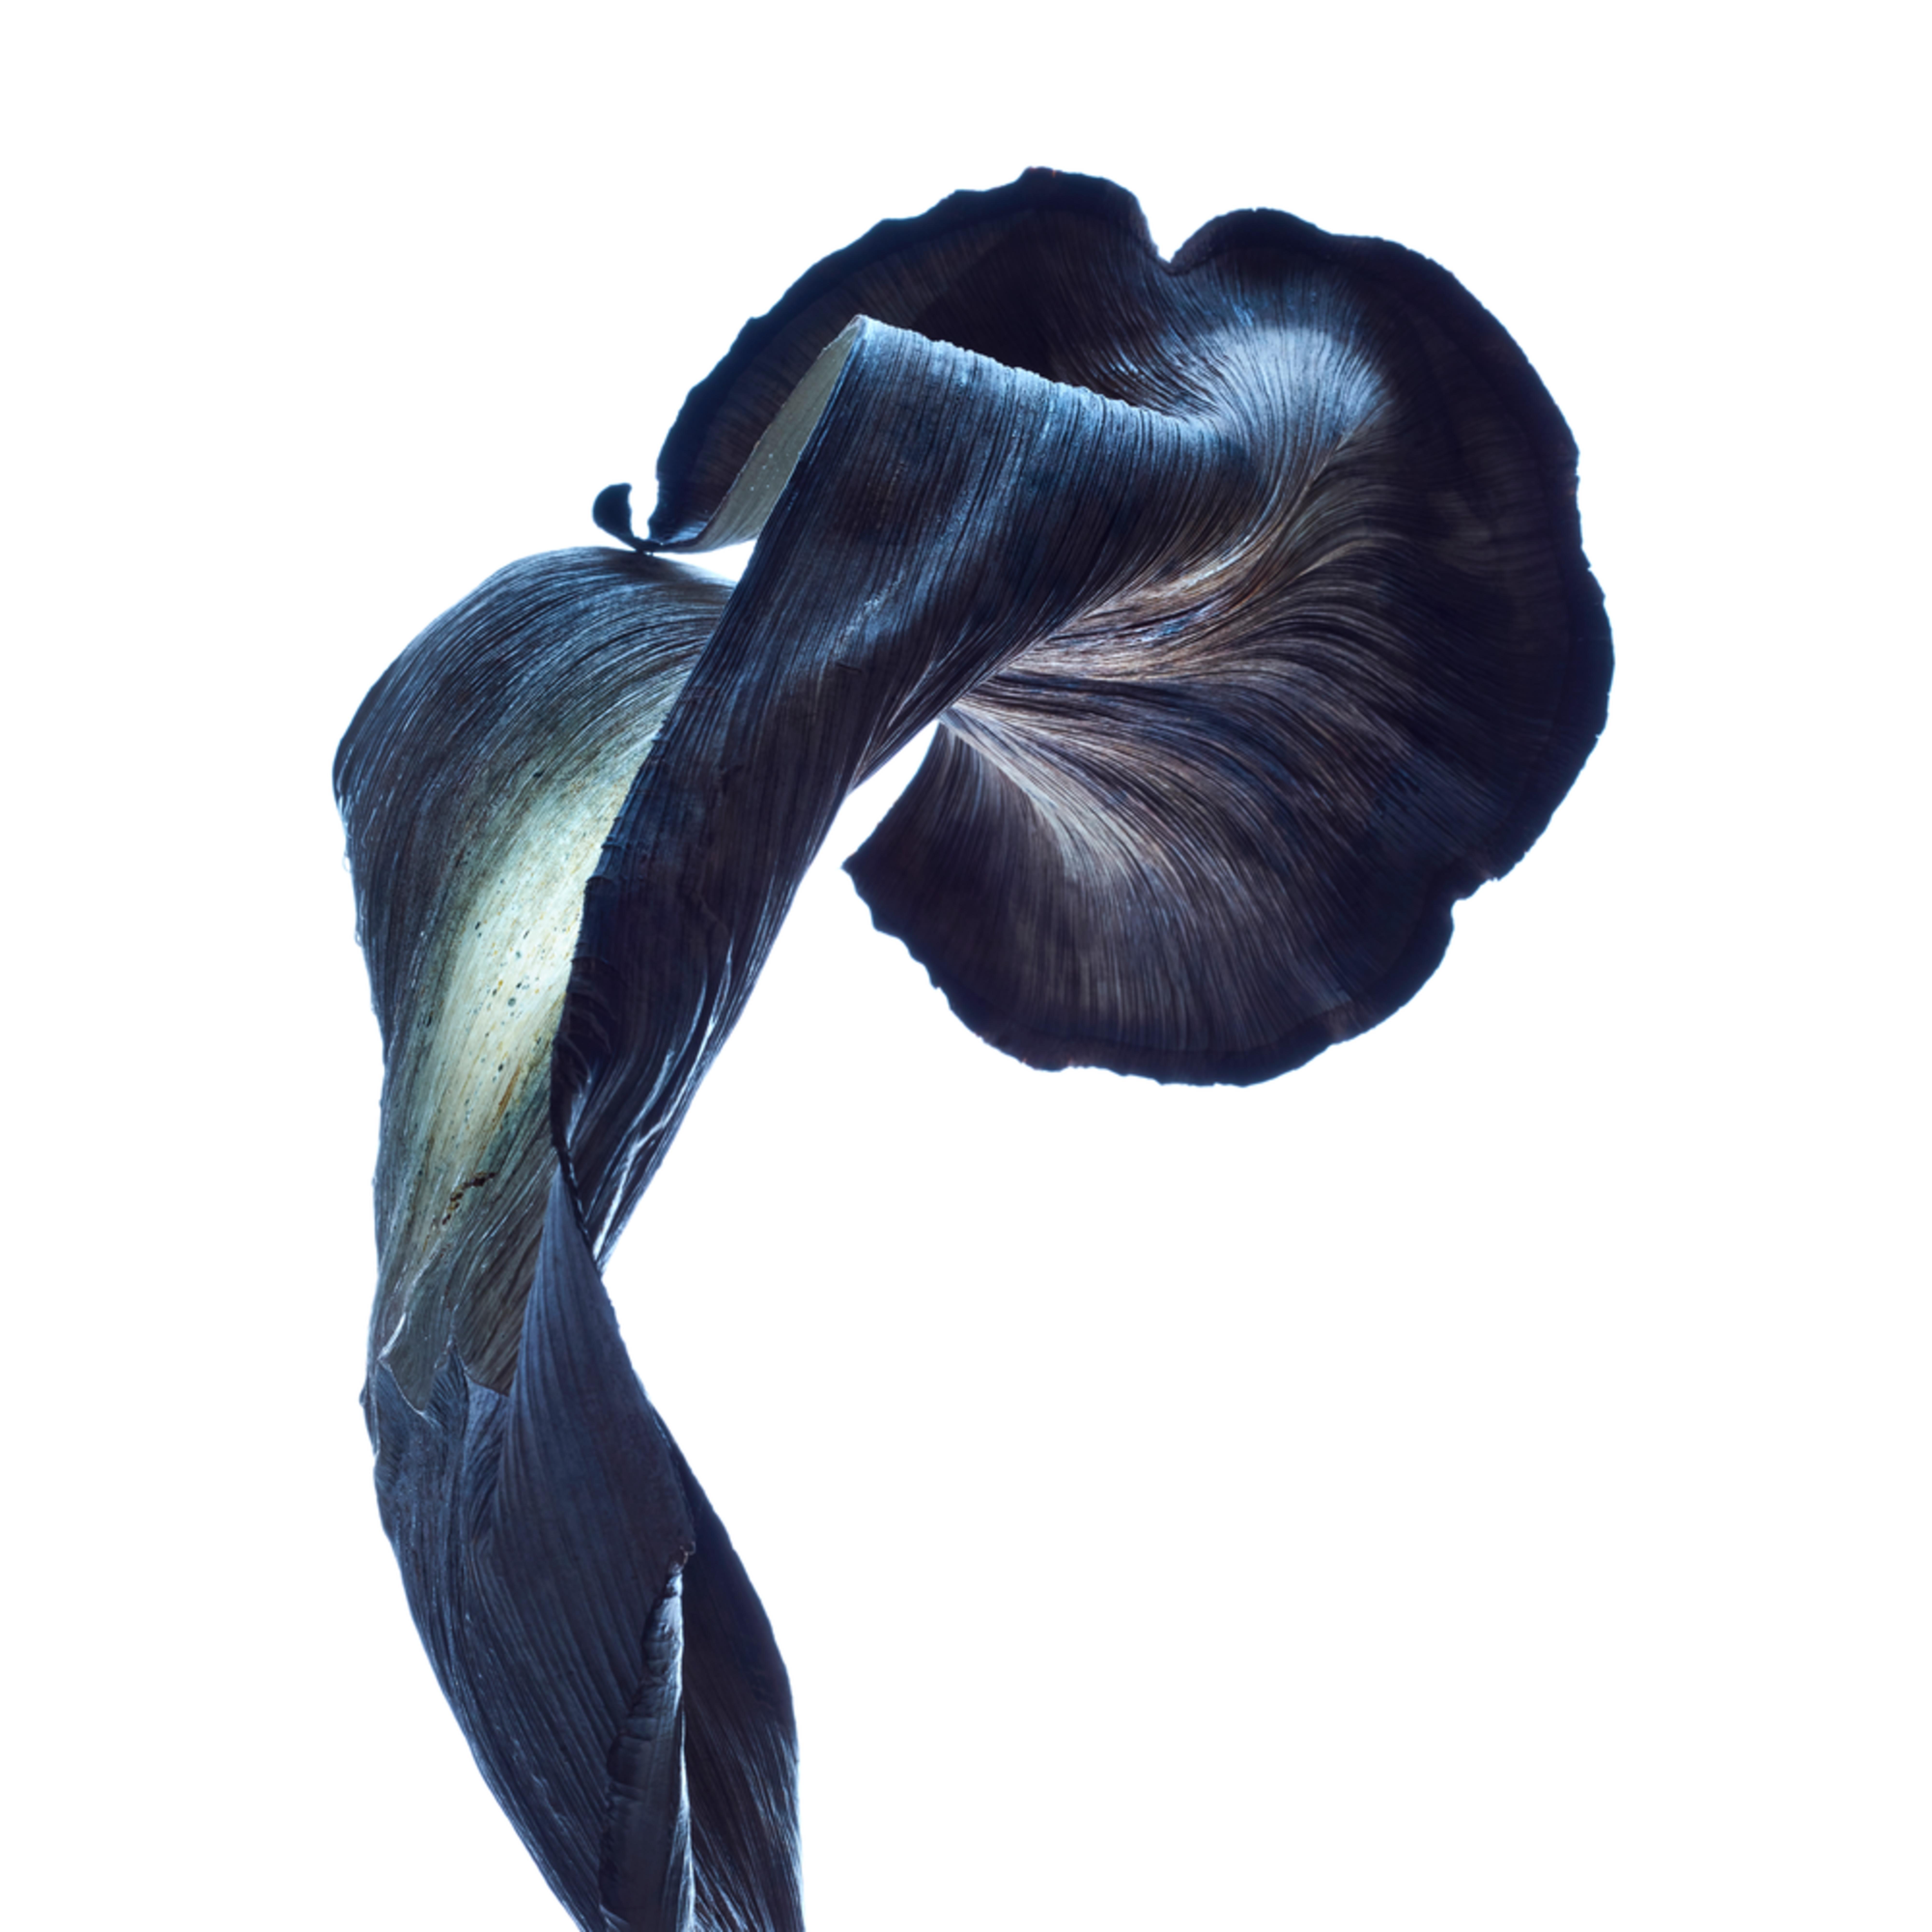 William couture nebula cv wrp ifwu97